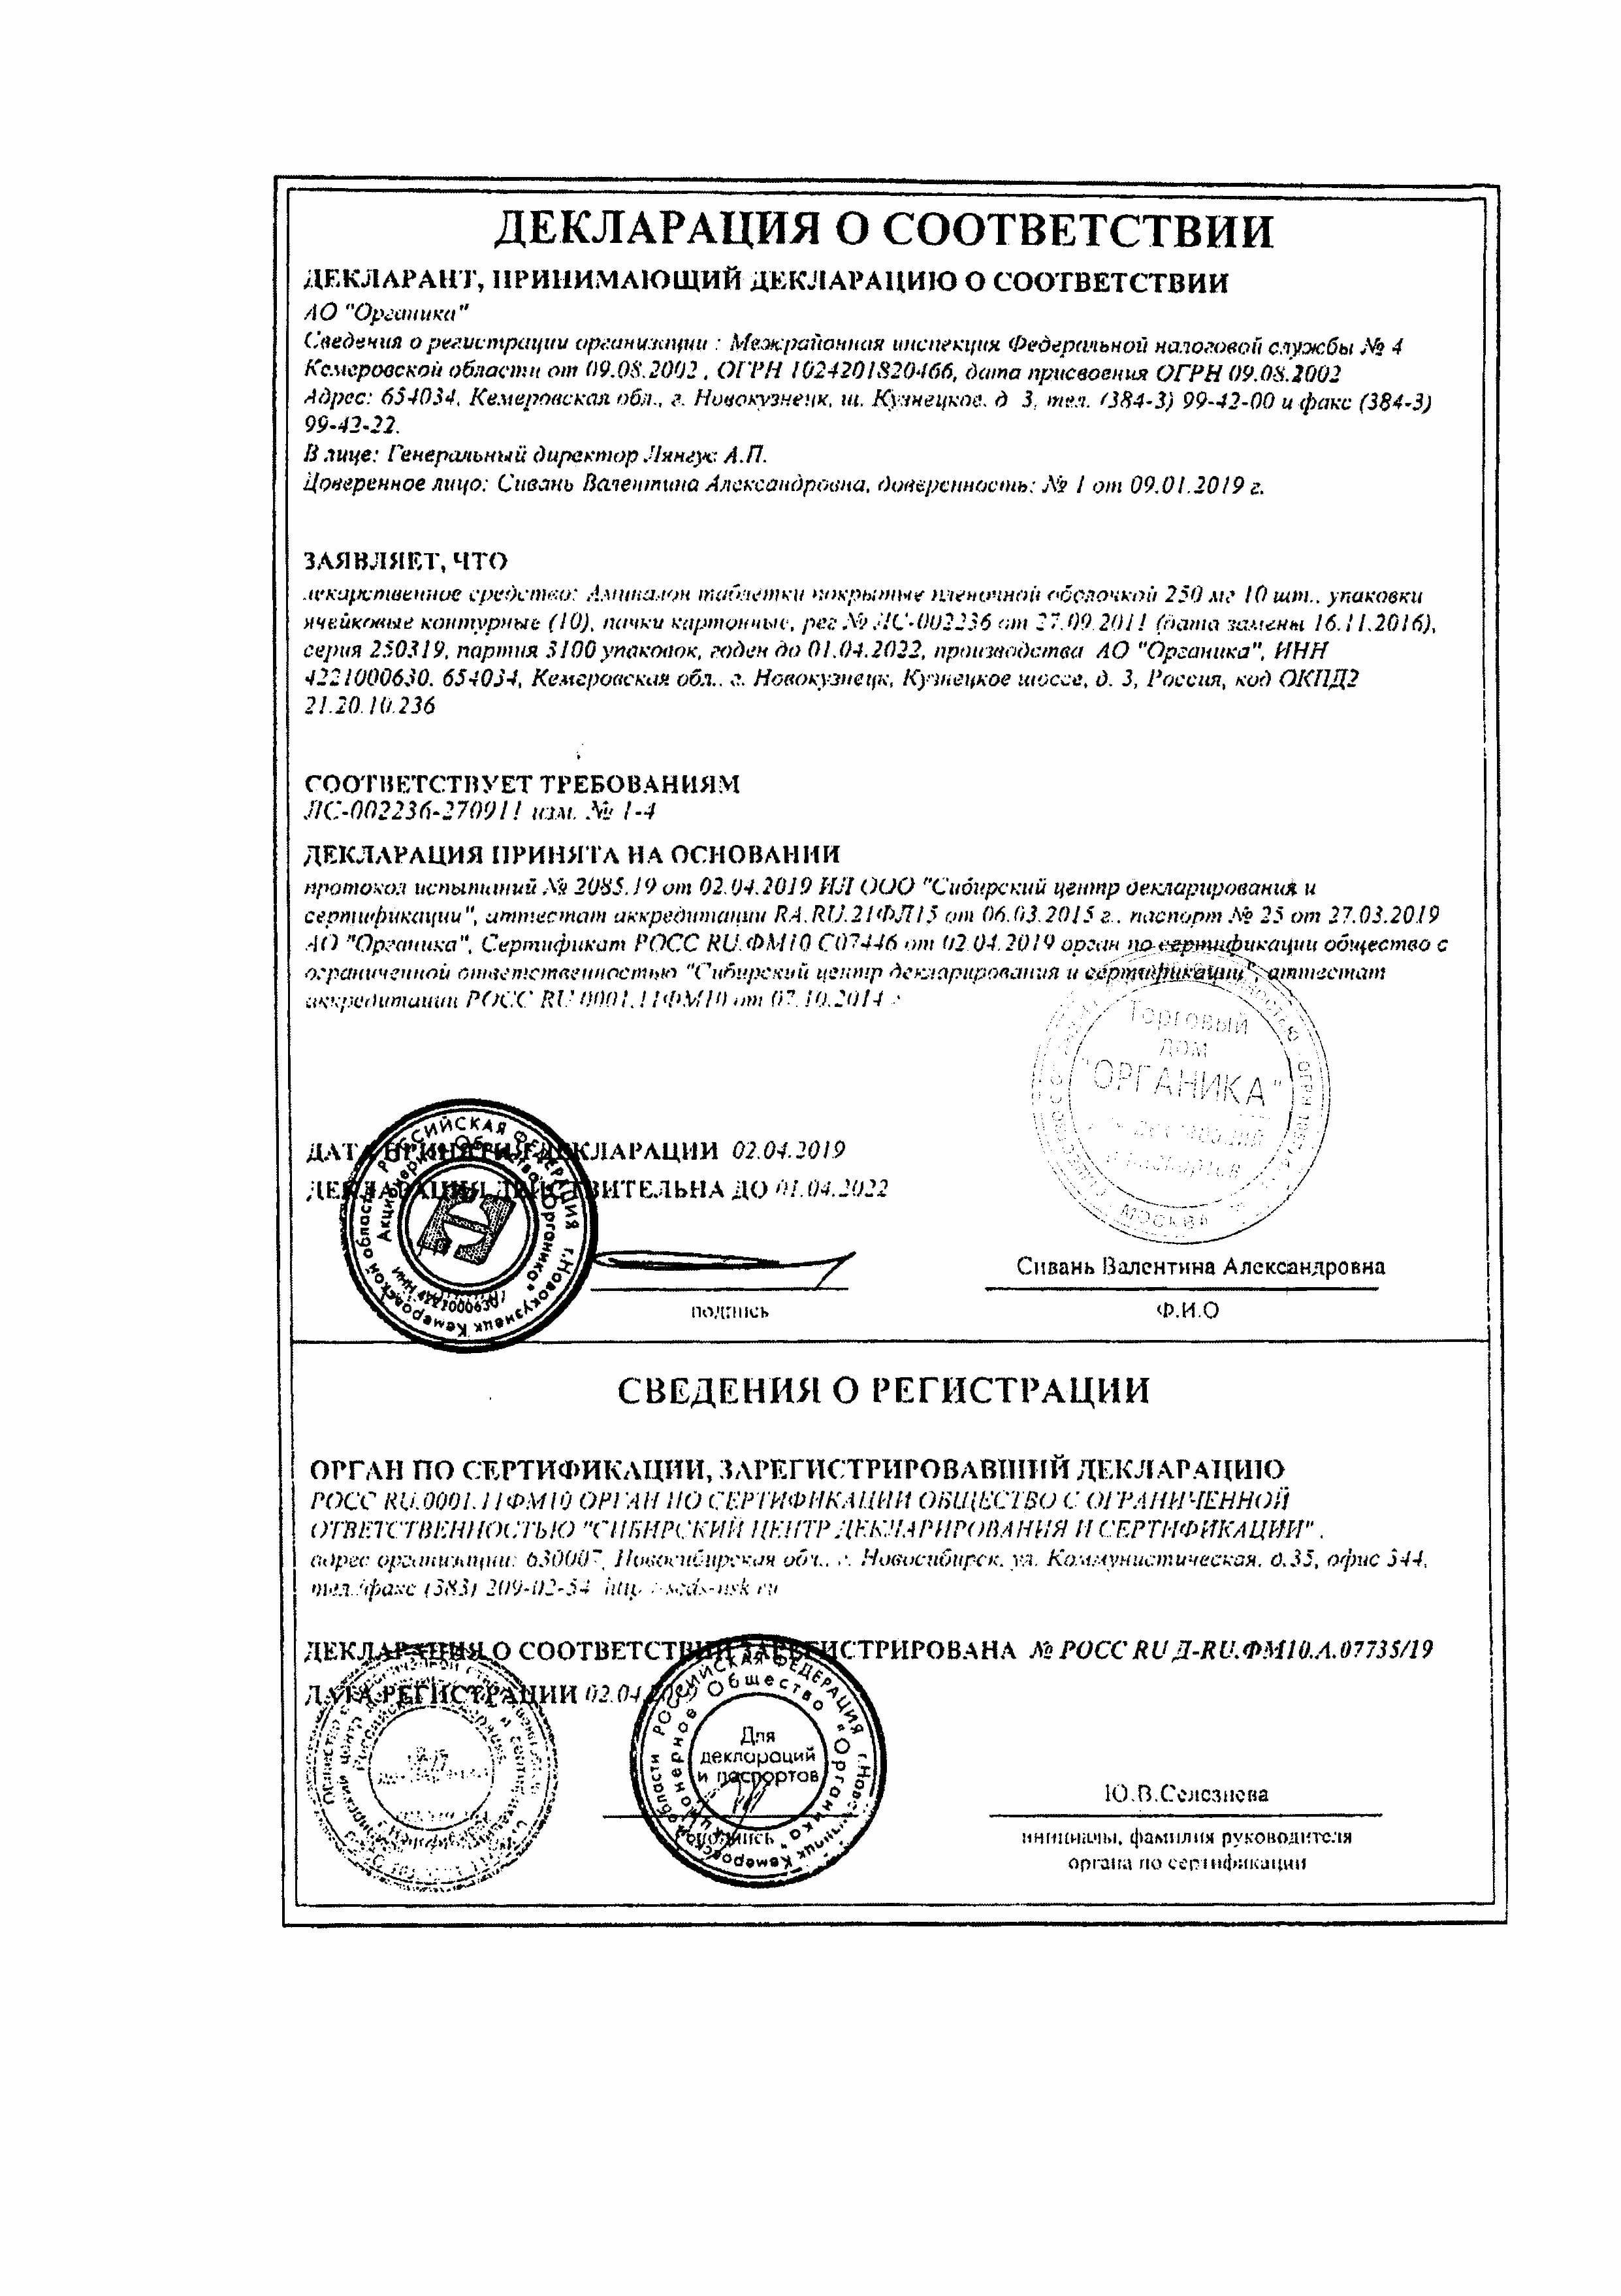 Аминалон: инструкция по применению, аналоги и отзывы, цены в аптеках россии